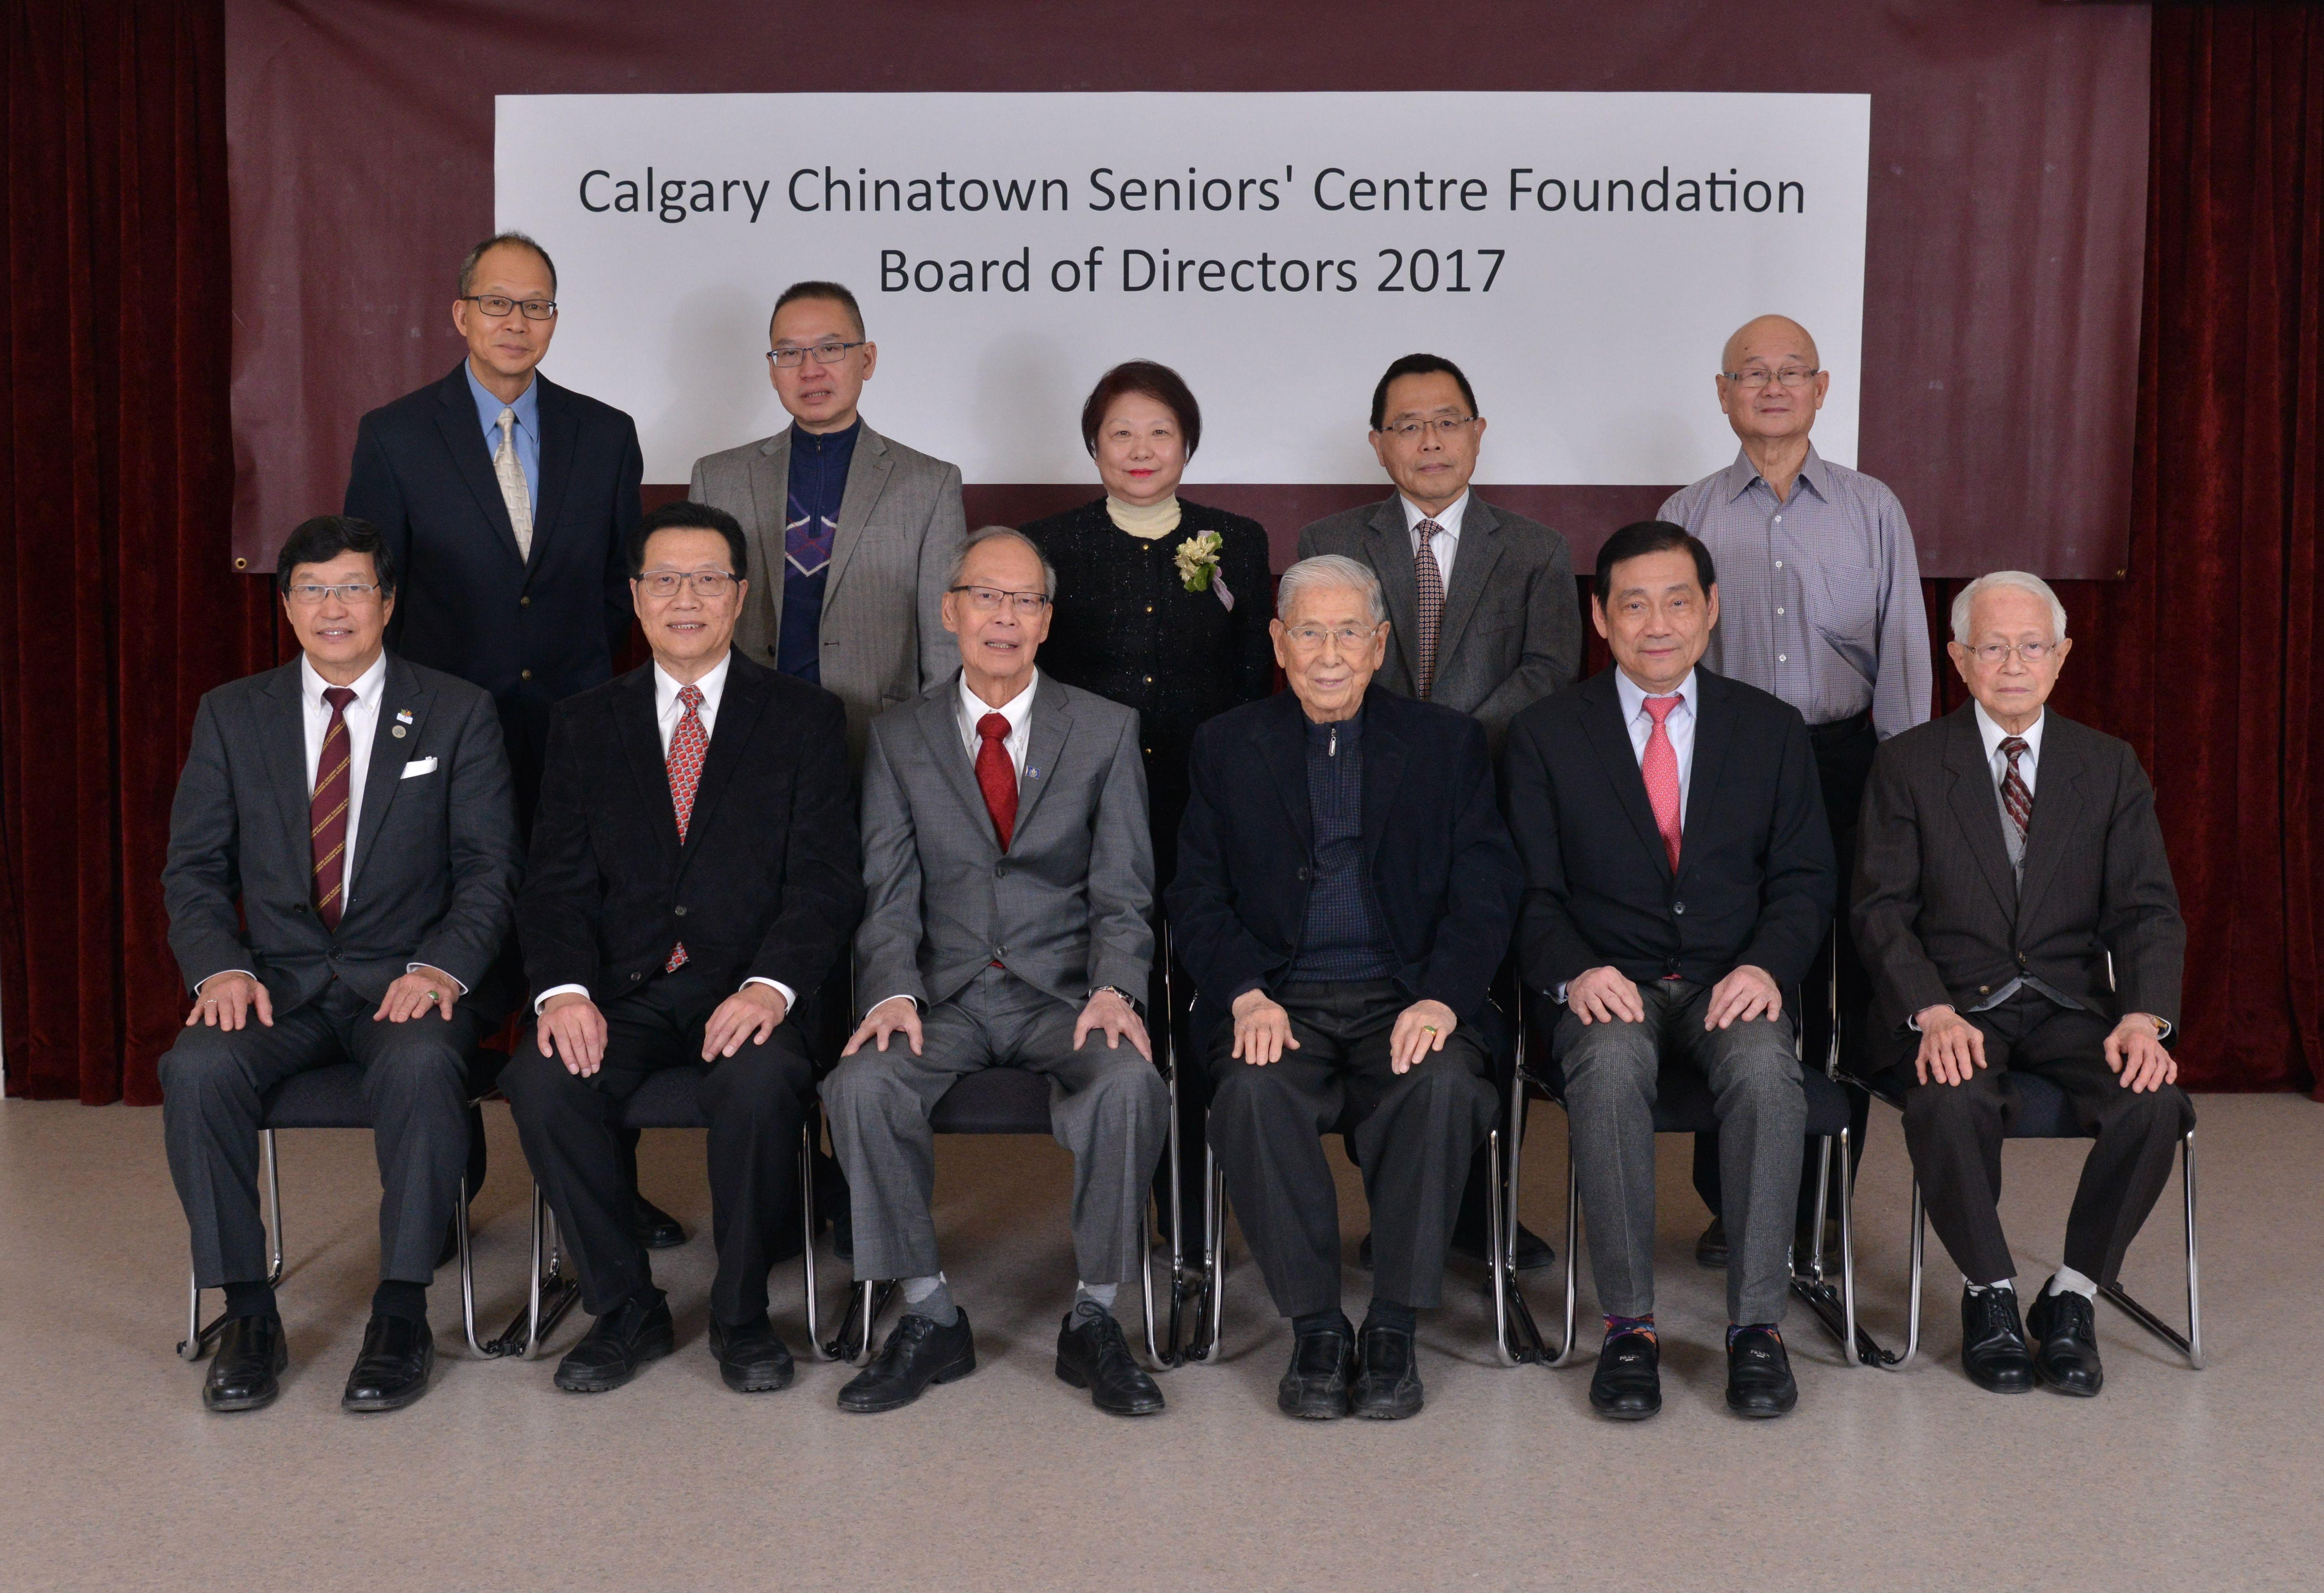 CCSCF Board of Directors 2017